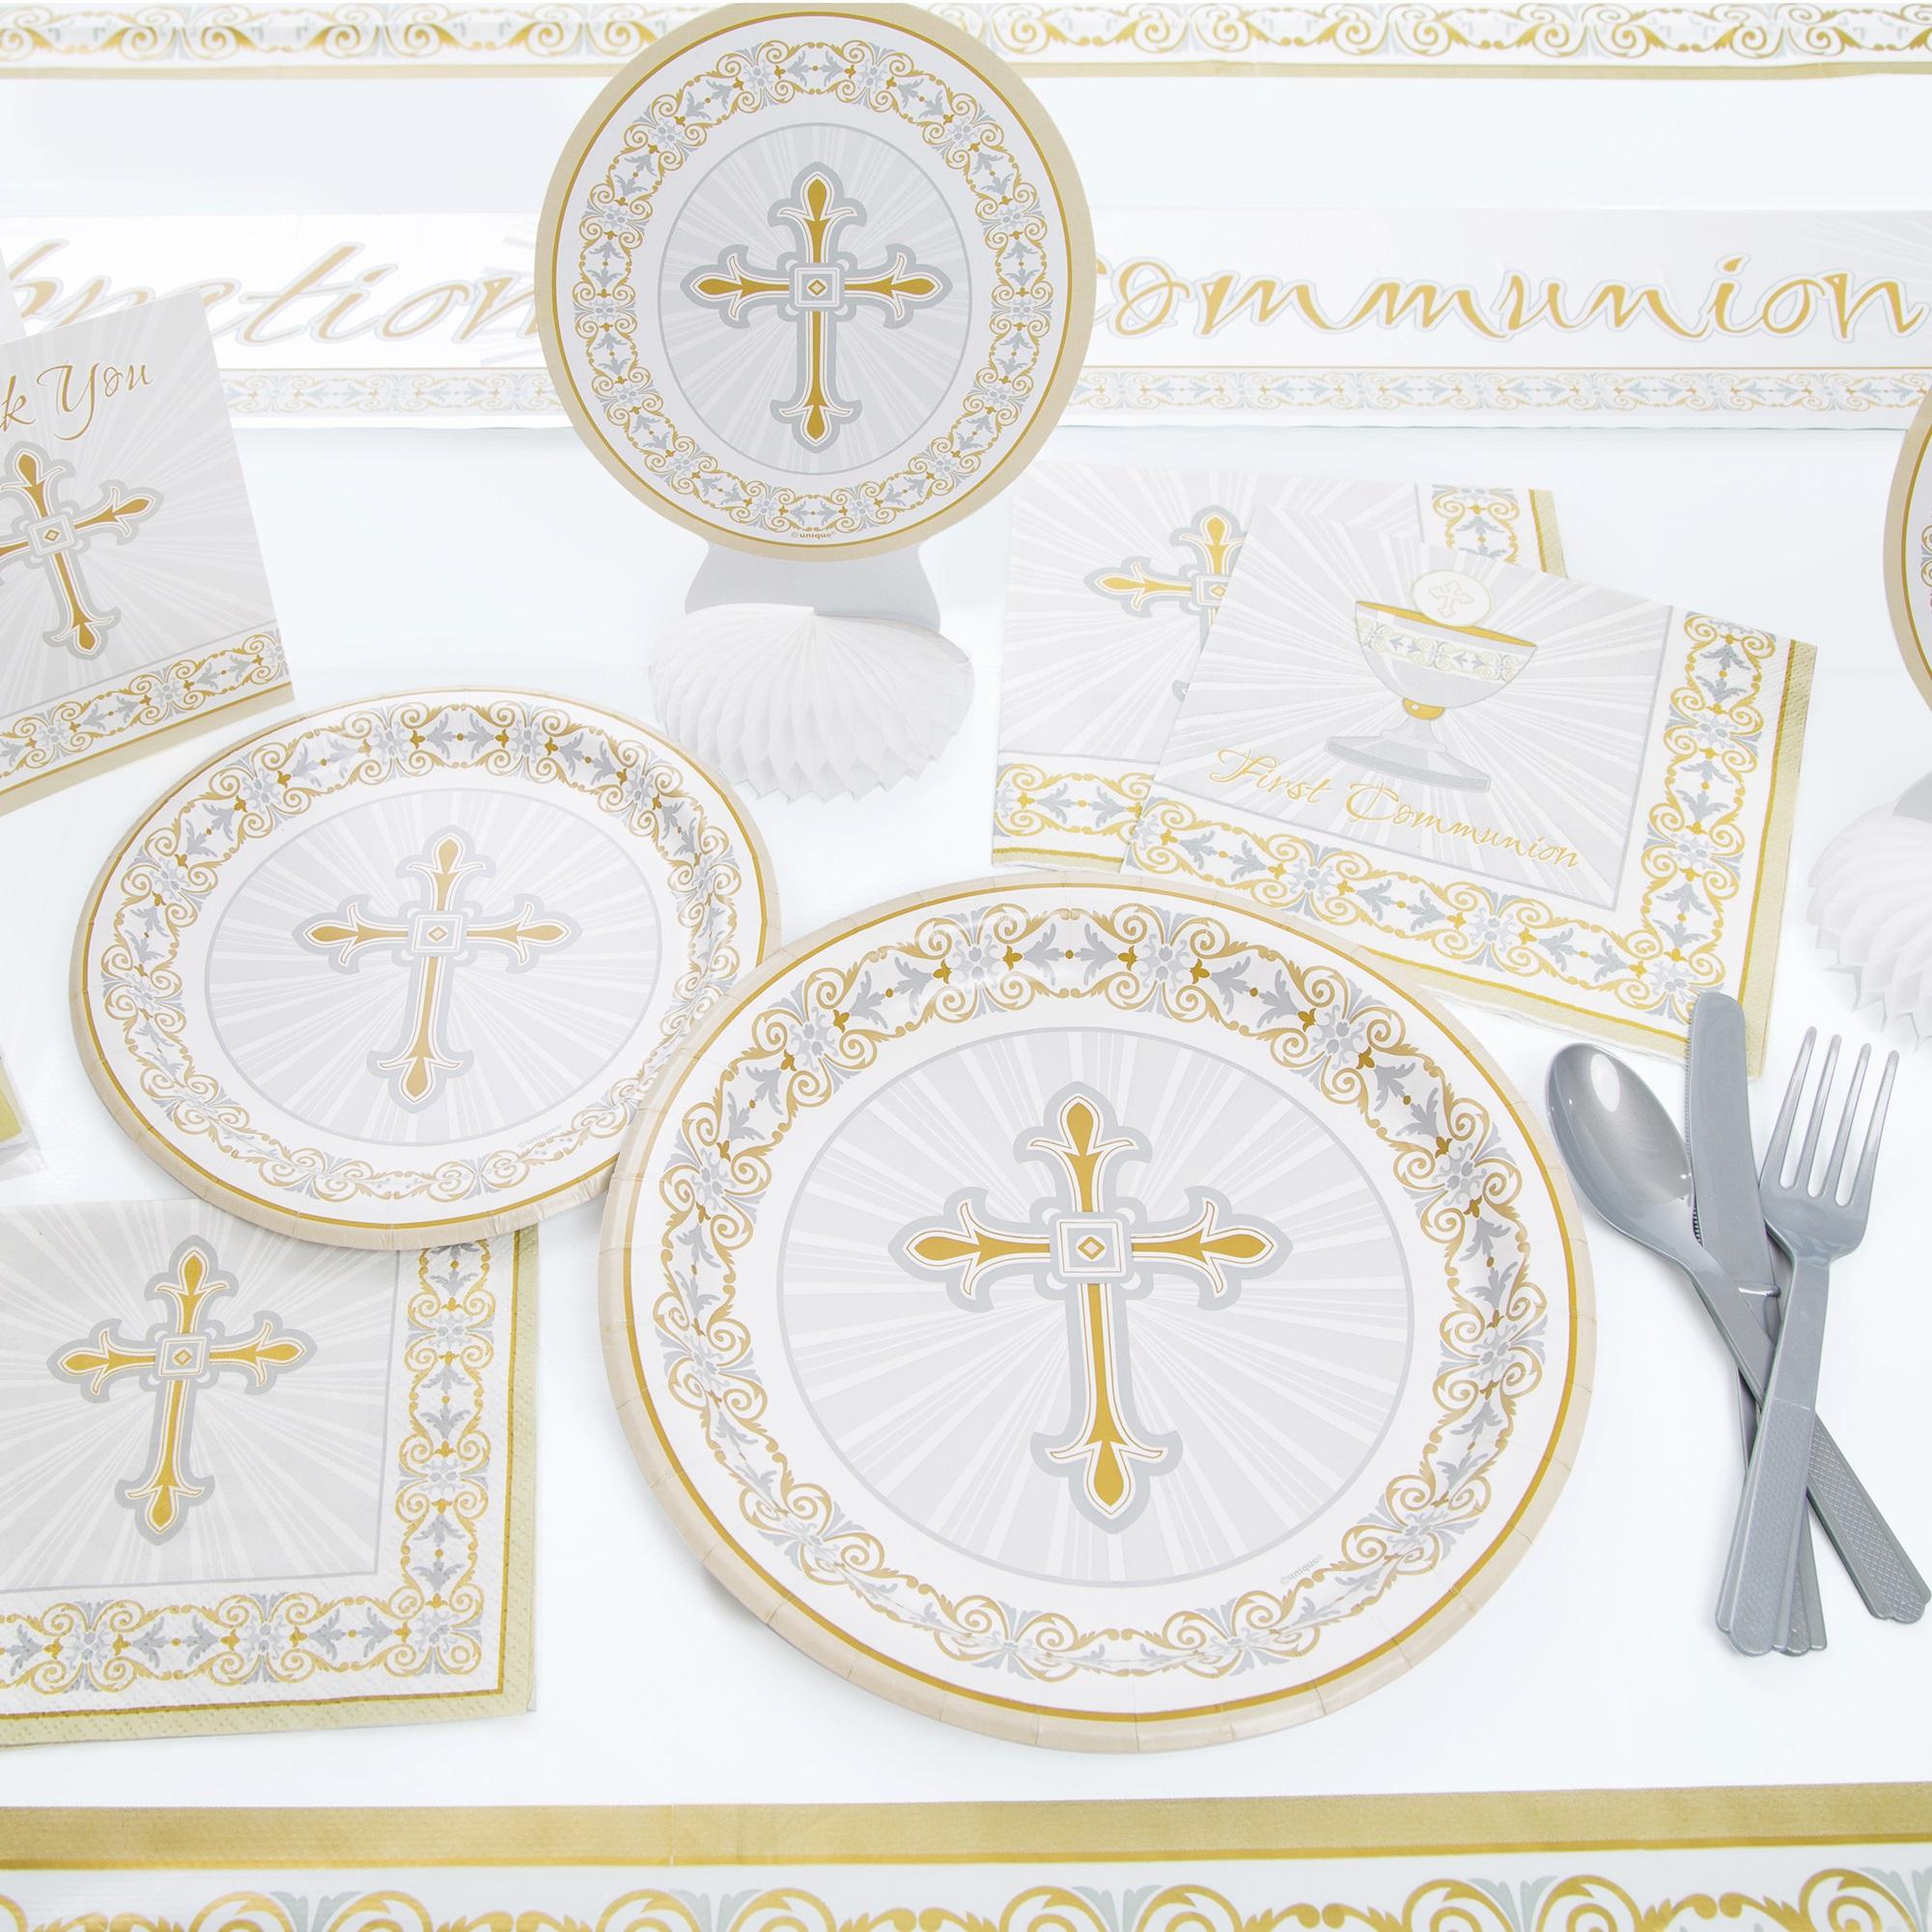 Communion Partyware